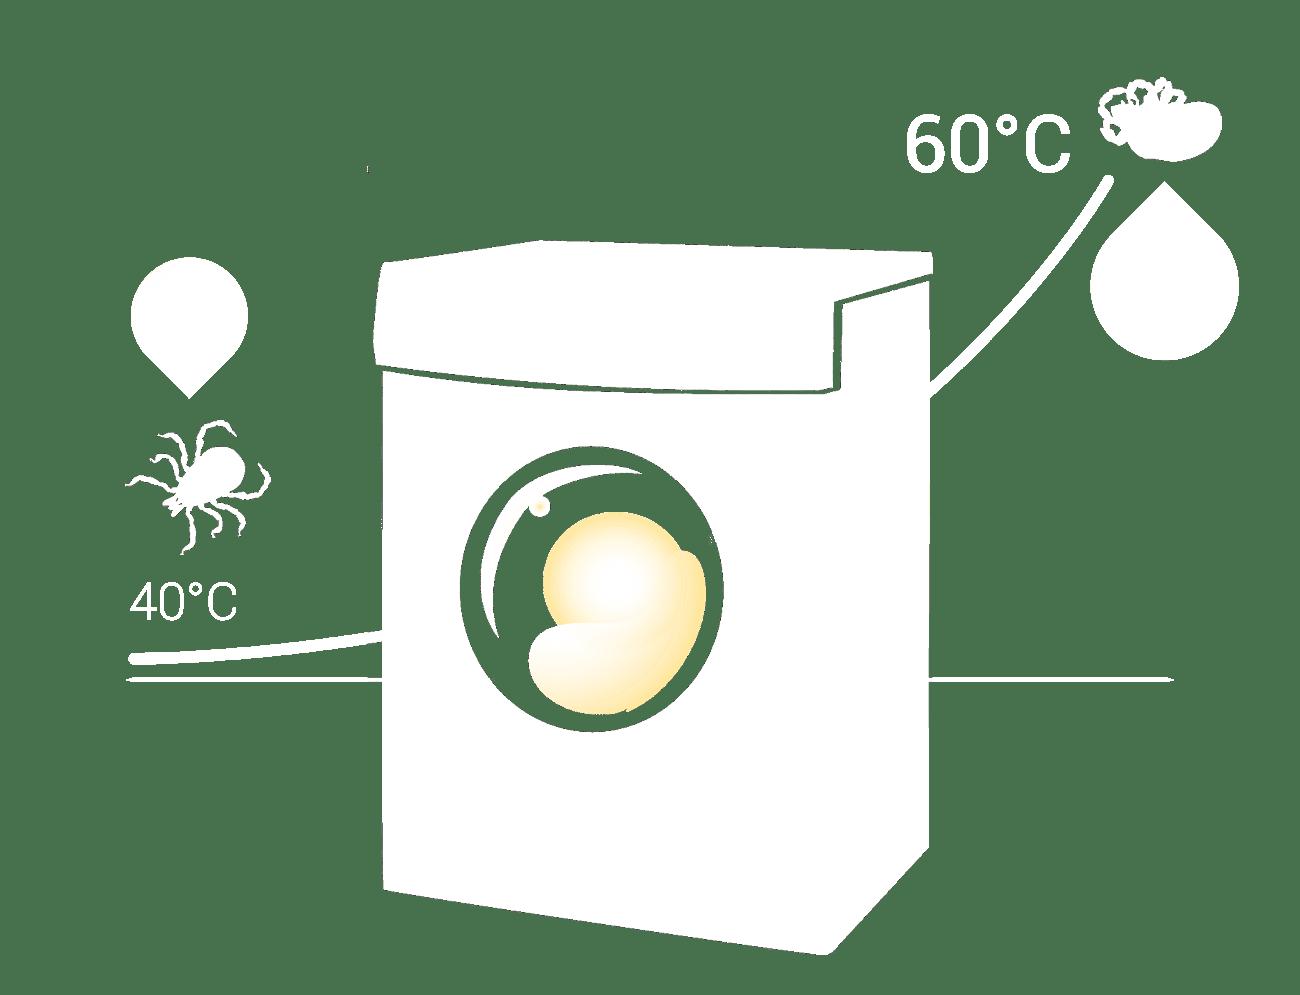 Grafik: Zecken beim Kleiderwaschen ab 60 Grad defintiv tot